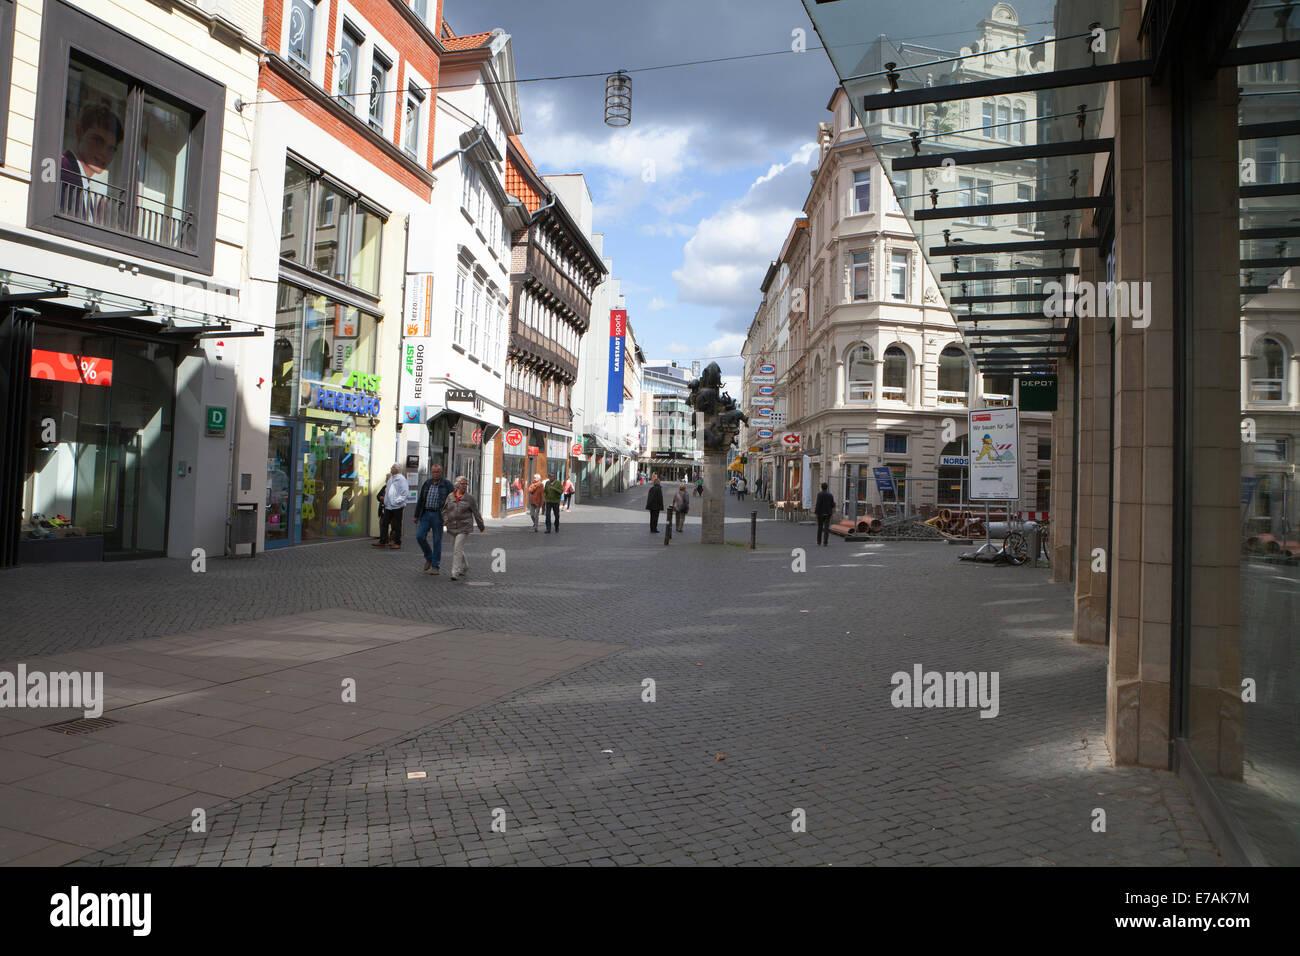 Pedestrian zone, Braunschweig, Brunswick, Lower Saxony, Germany, Europe, Stock Photo